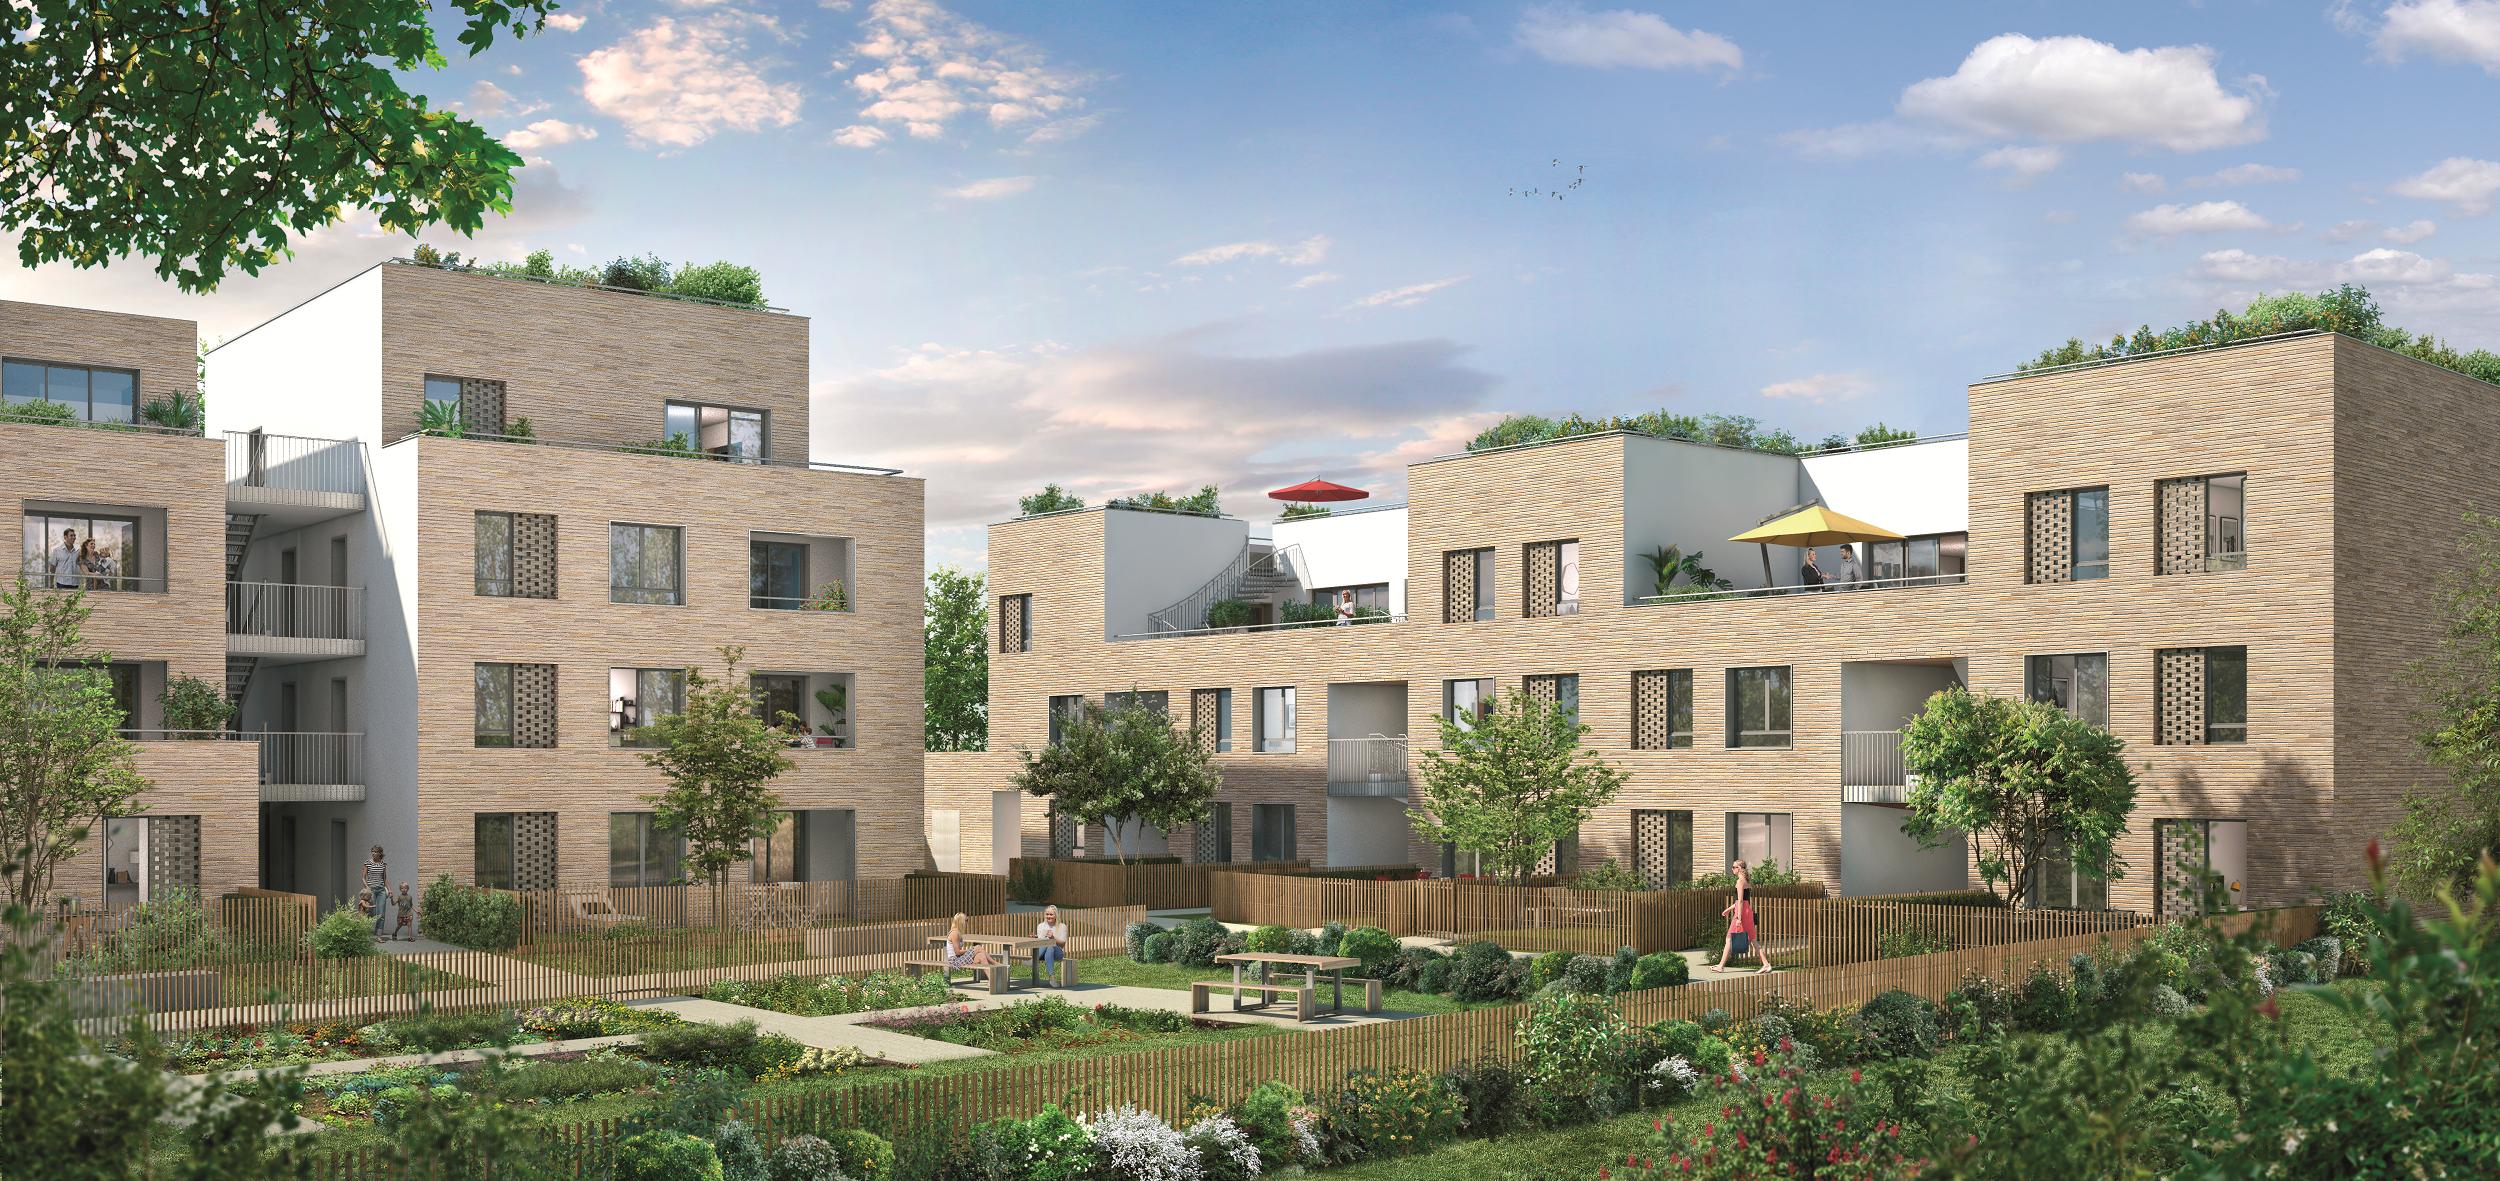 GreenCity Immobilier L'Eleven - Toulouse - Pyramide 1ère réalisation 2018